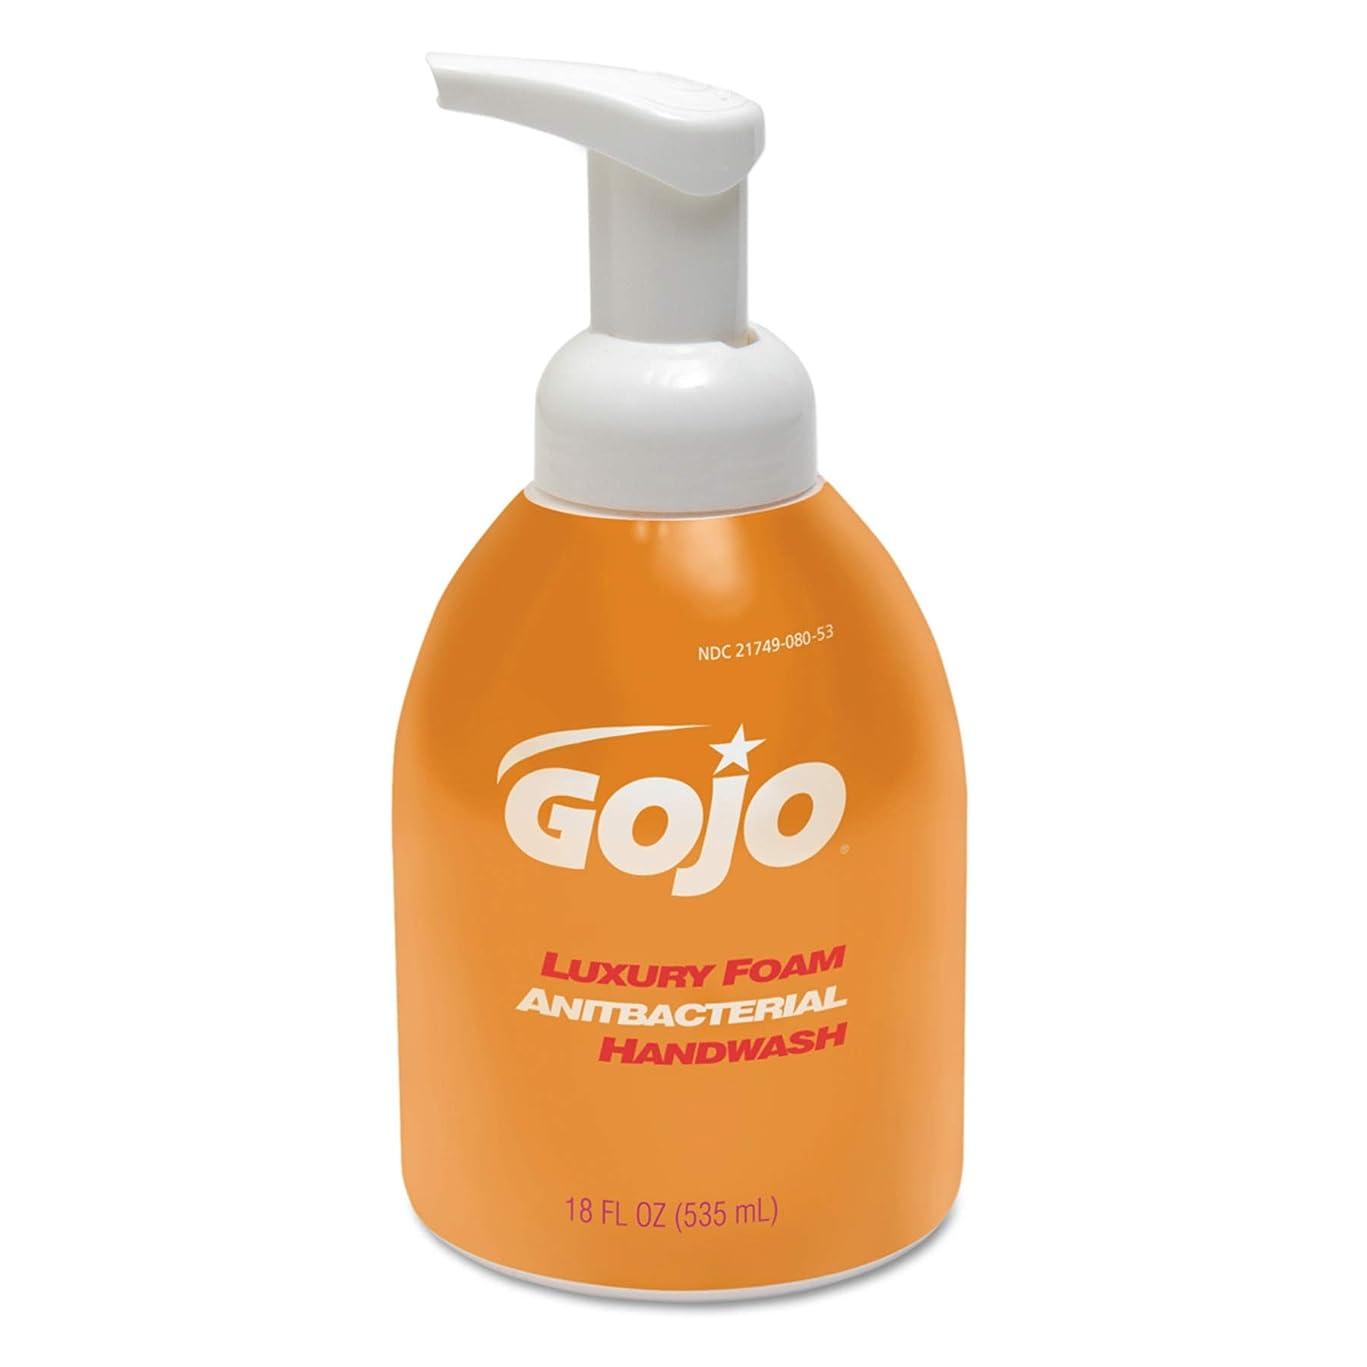 渦彼女悲観主義者Luxury Foam Antibacterial Handwash, Orange Blossom, 18 oz Pump (並行輸入品)